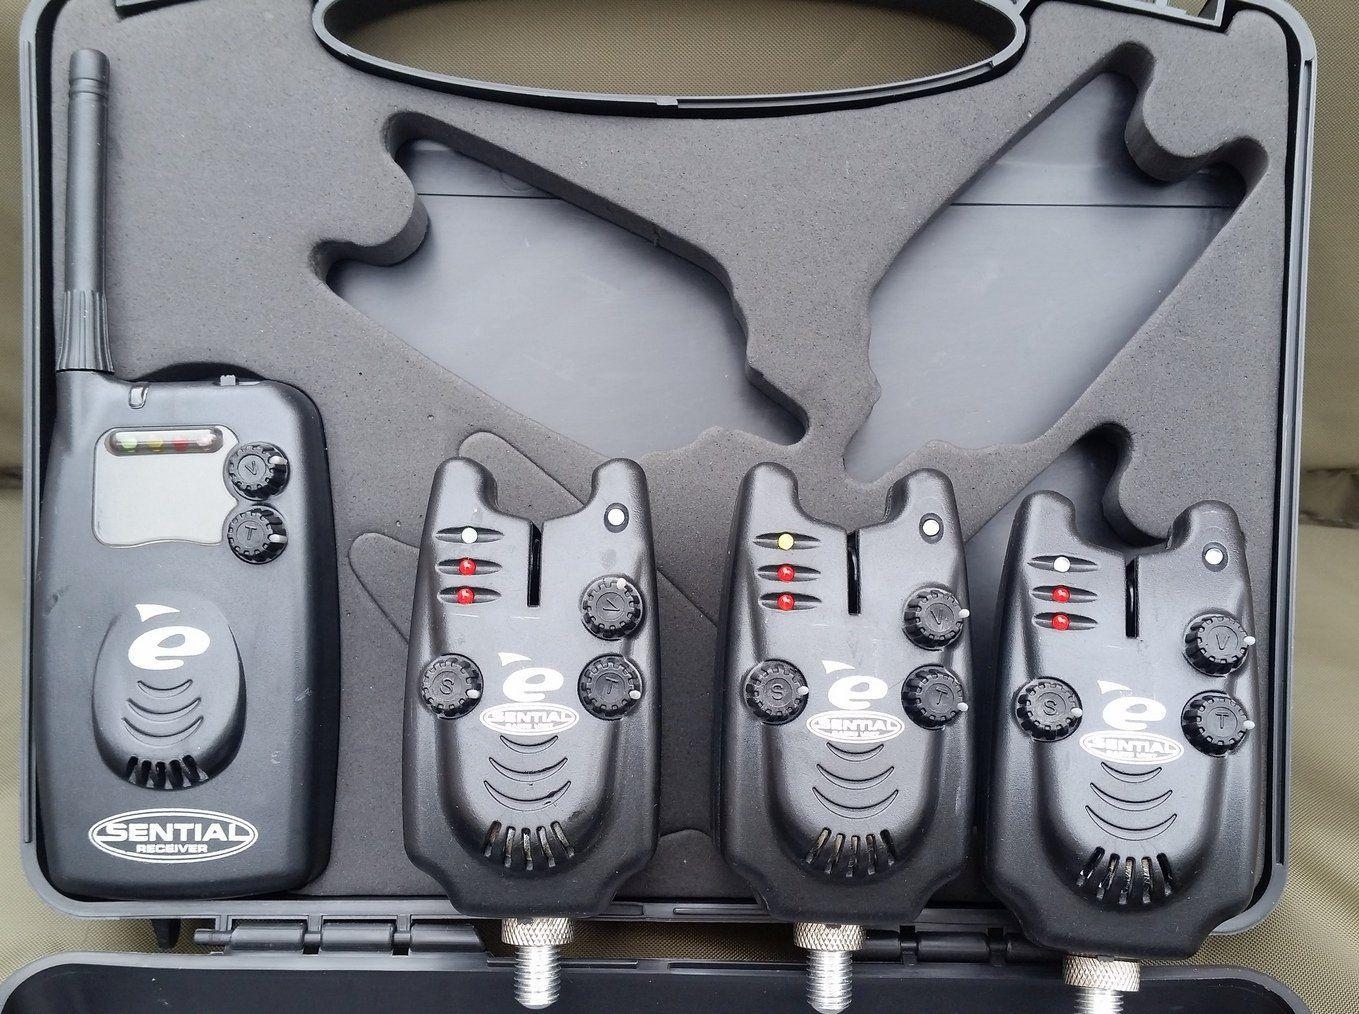 Az Energoteam E-sential elektromos kapásjelző szett kedvező árával hívja fel magára a figyelmet